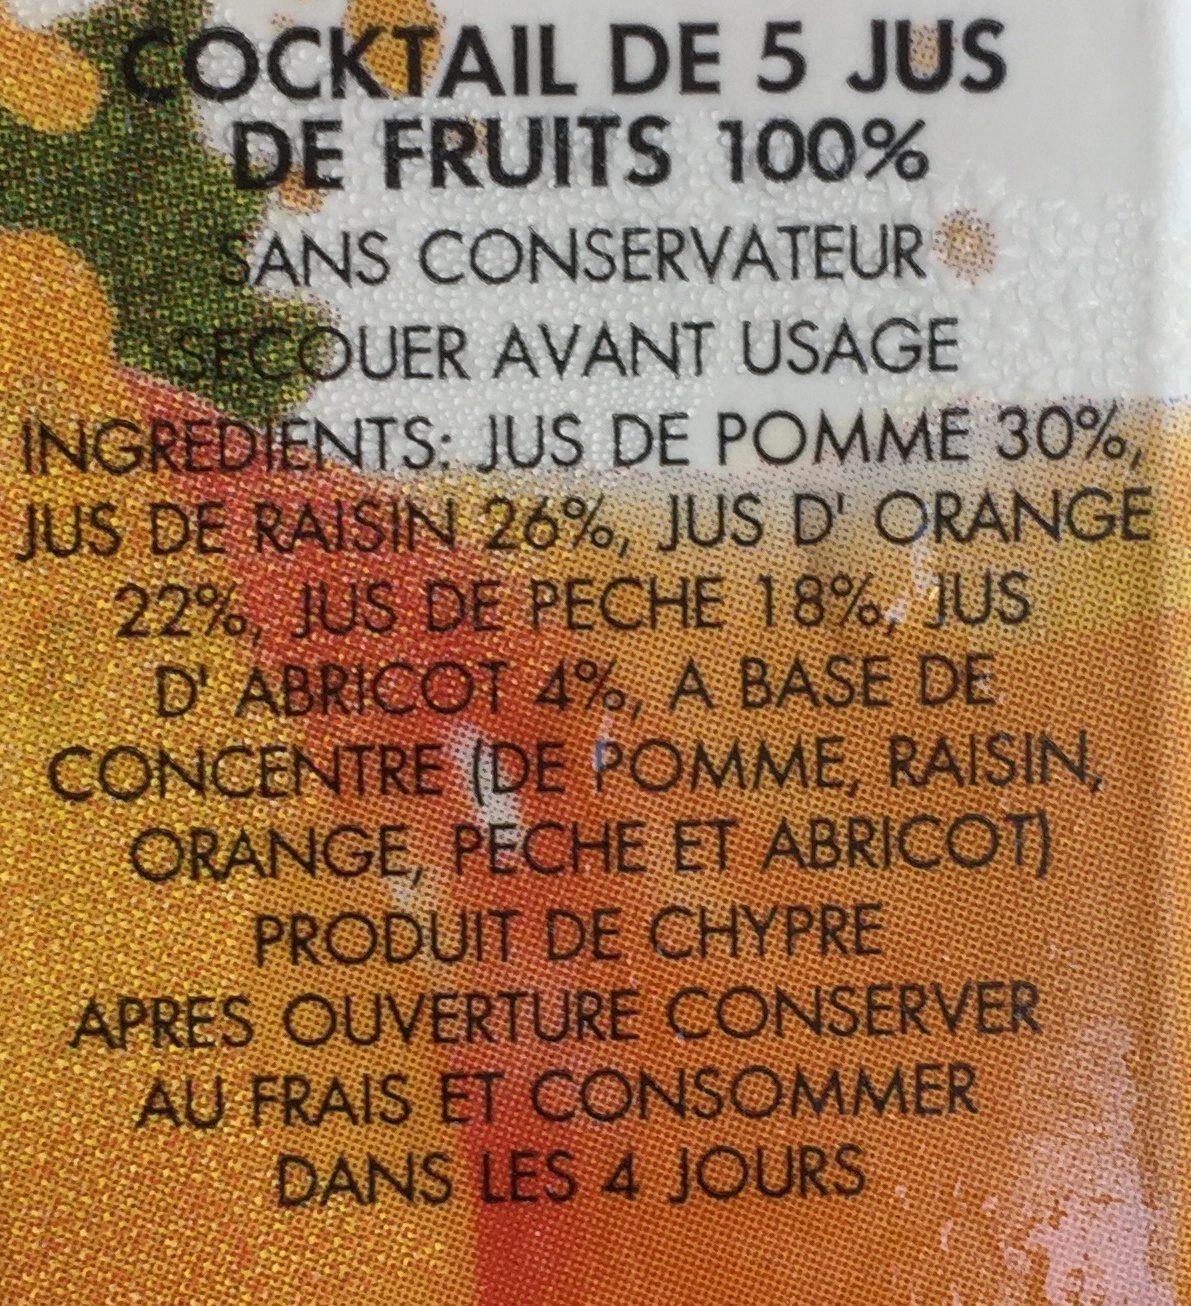 5 Fruit - គ្រឿងផ្សំ - en